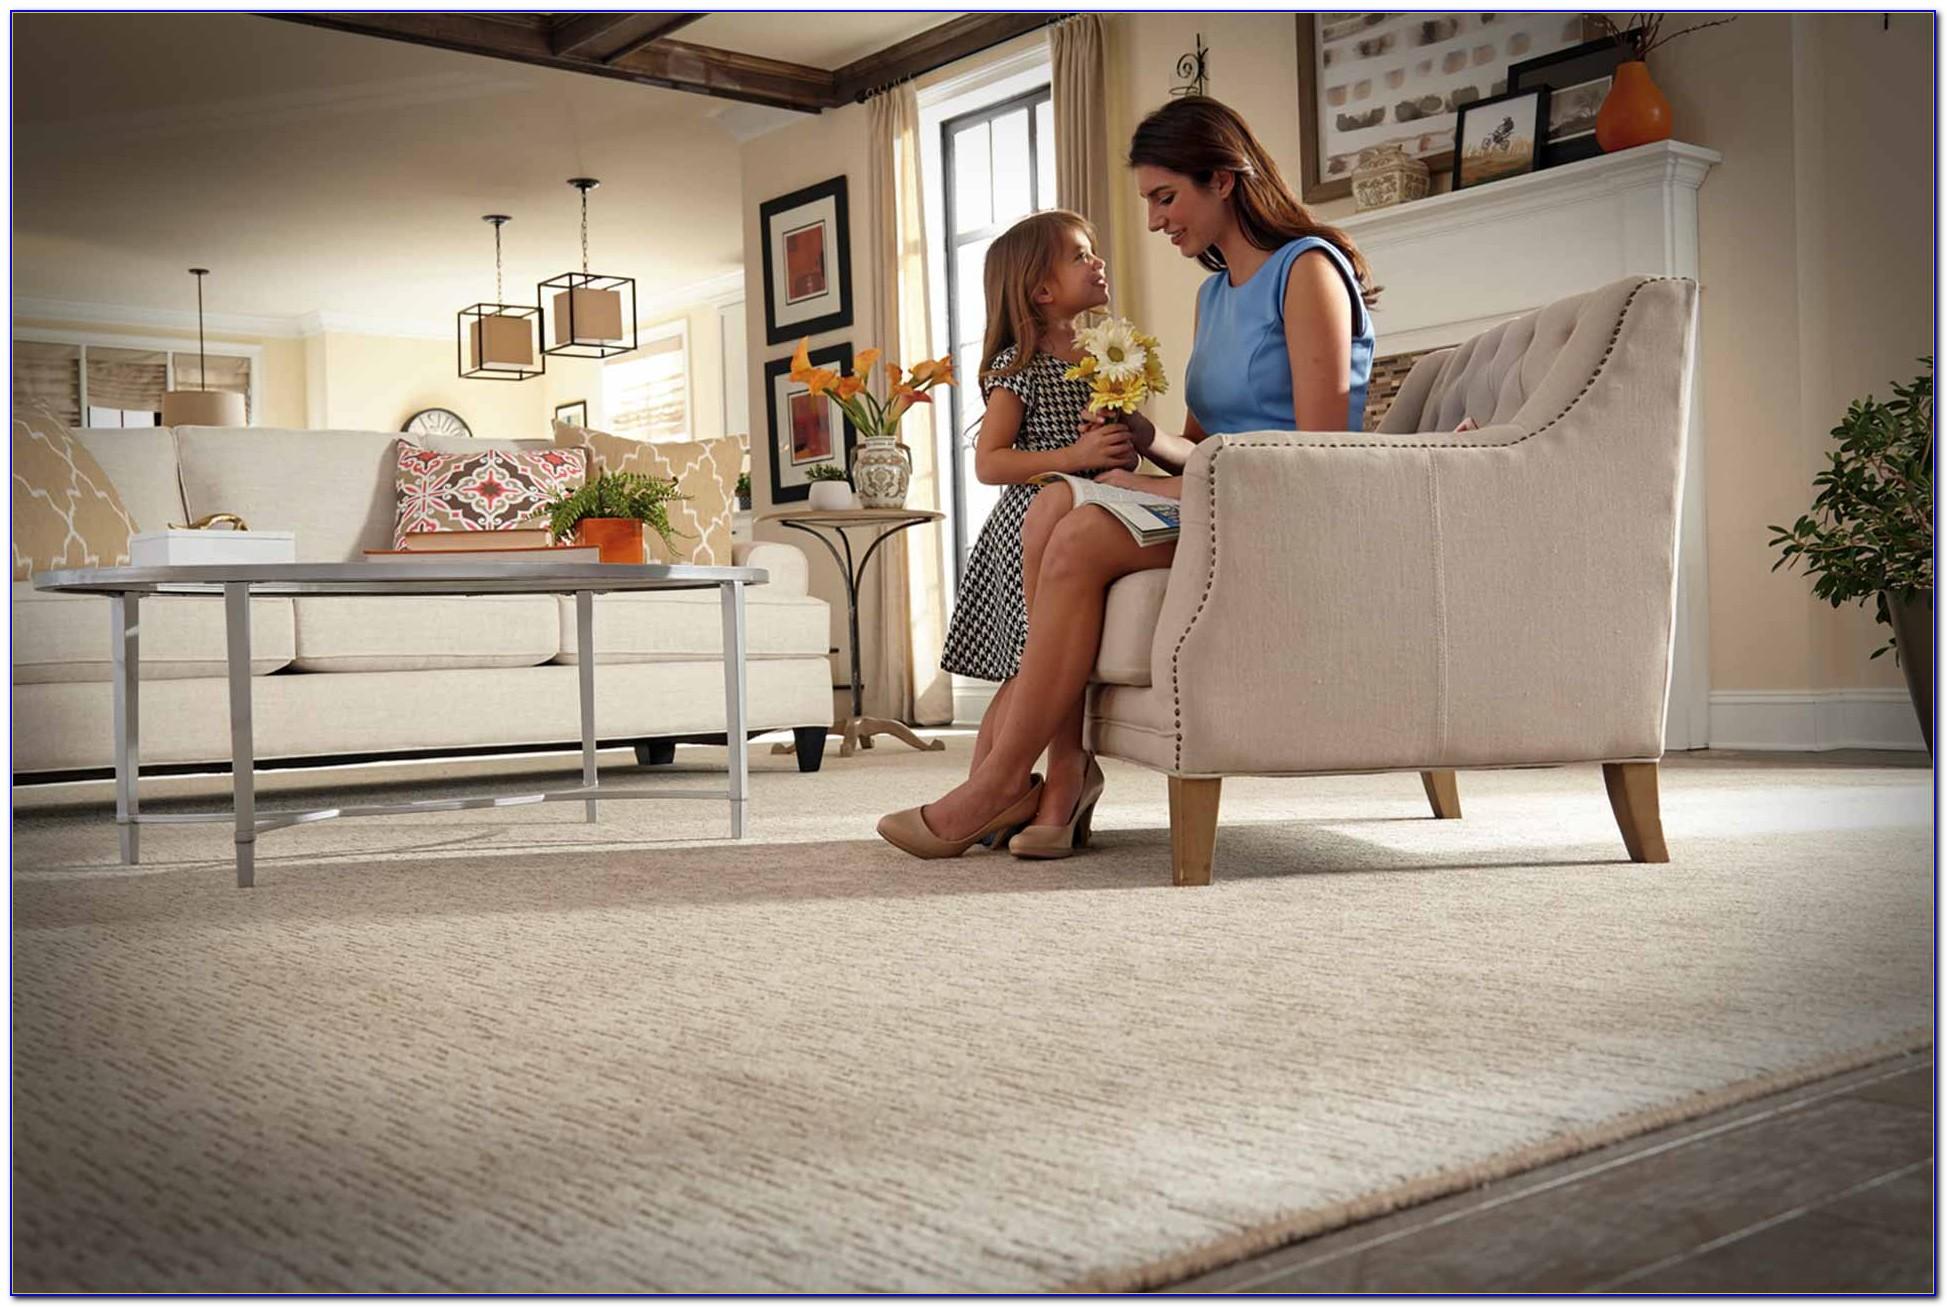 Hon Office Furniture Grand Rapids Mi General Home